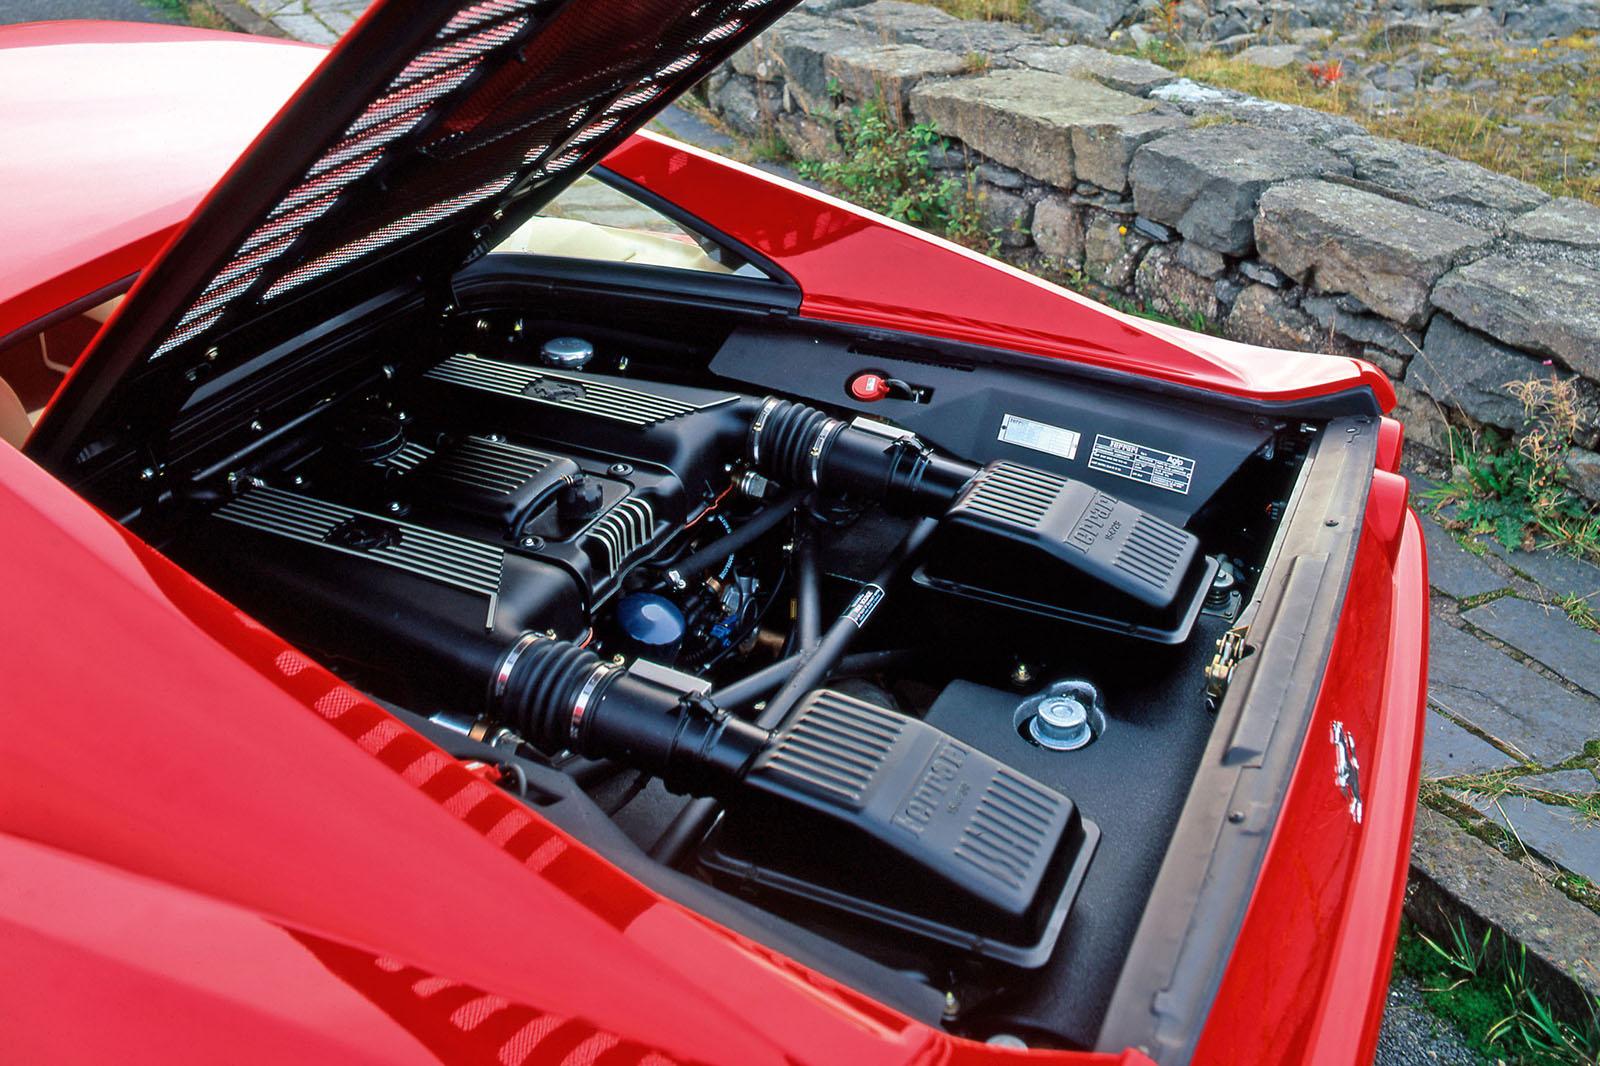 Used Car Buying Guide Ferrari F355 Autocar